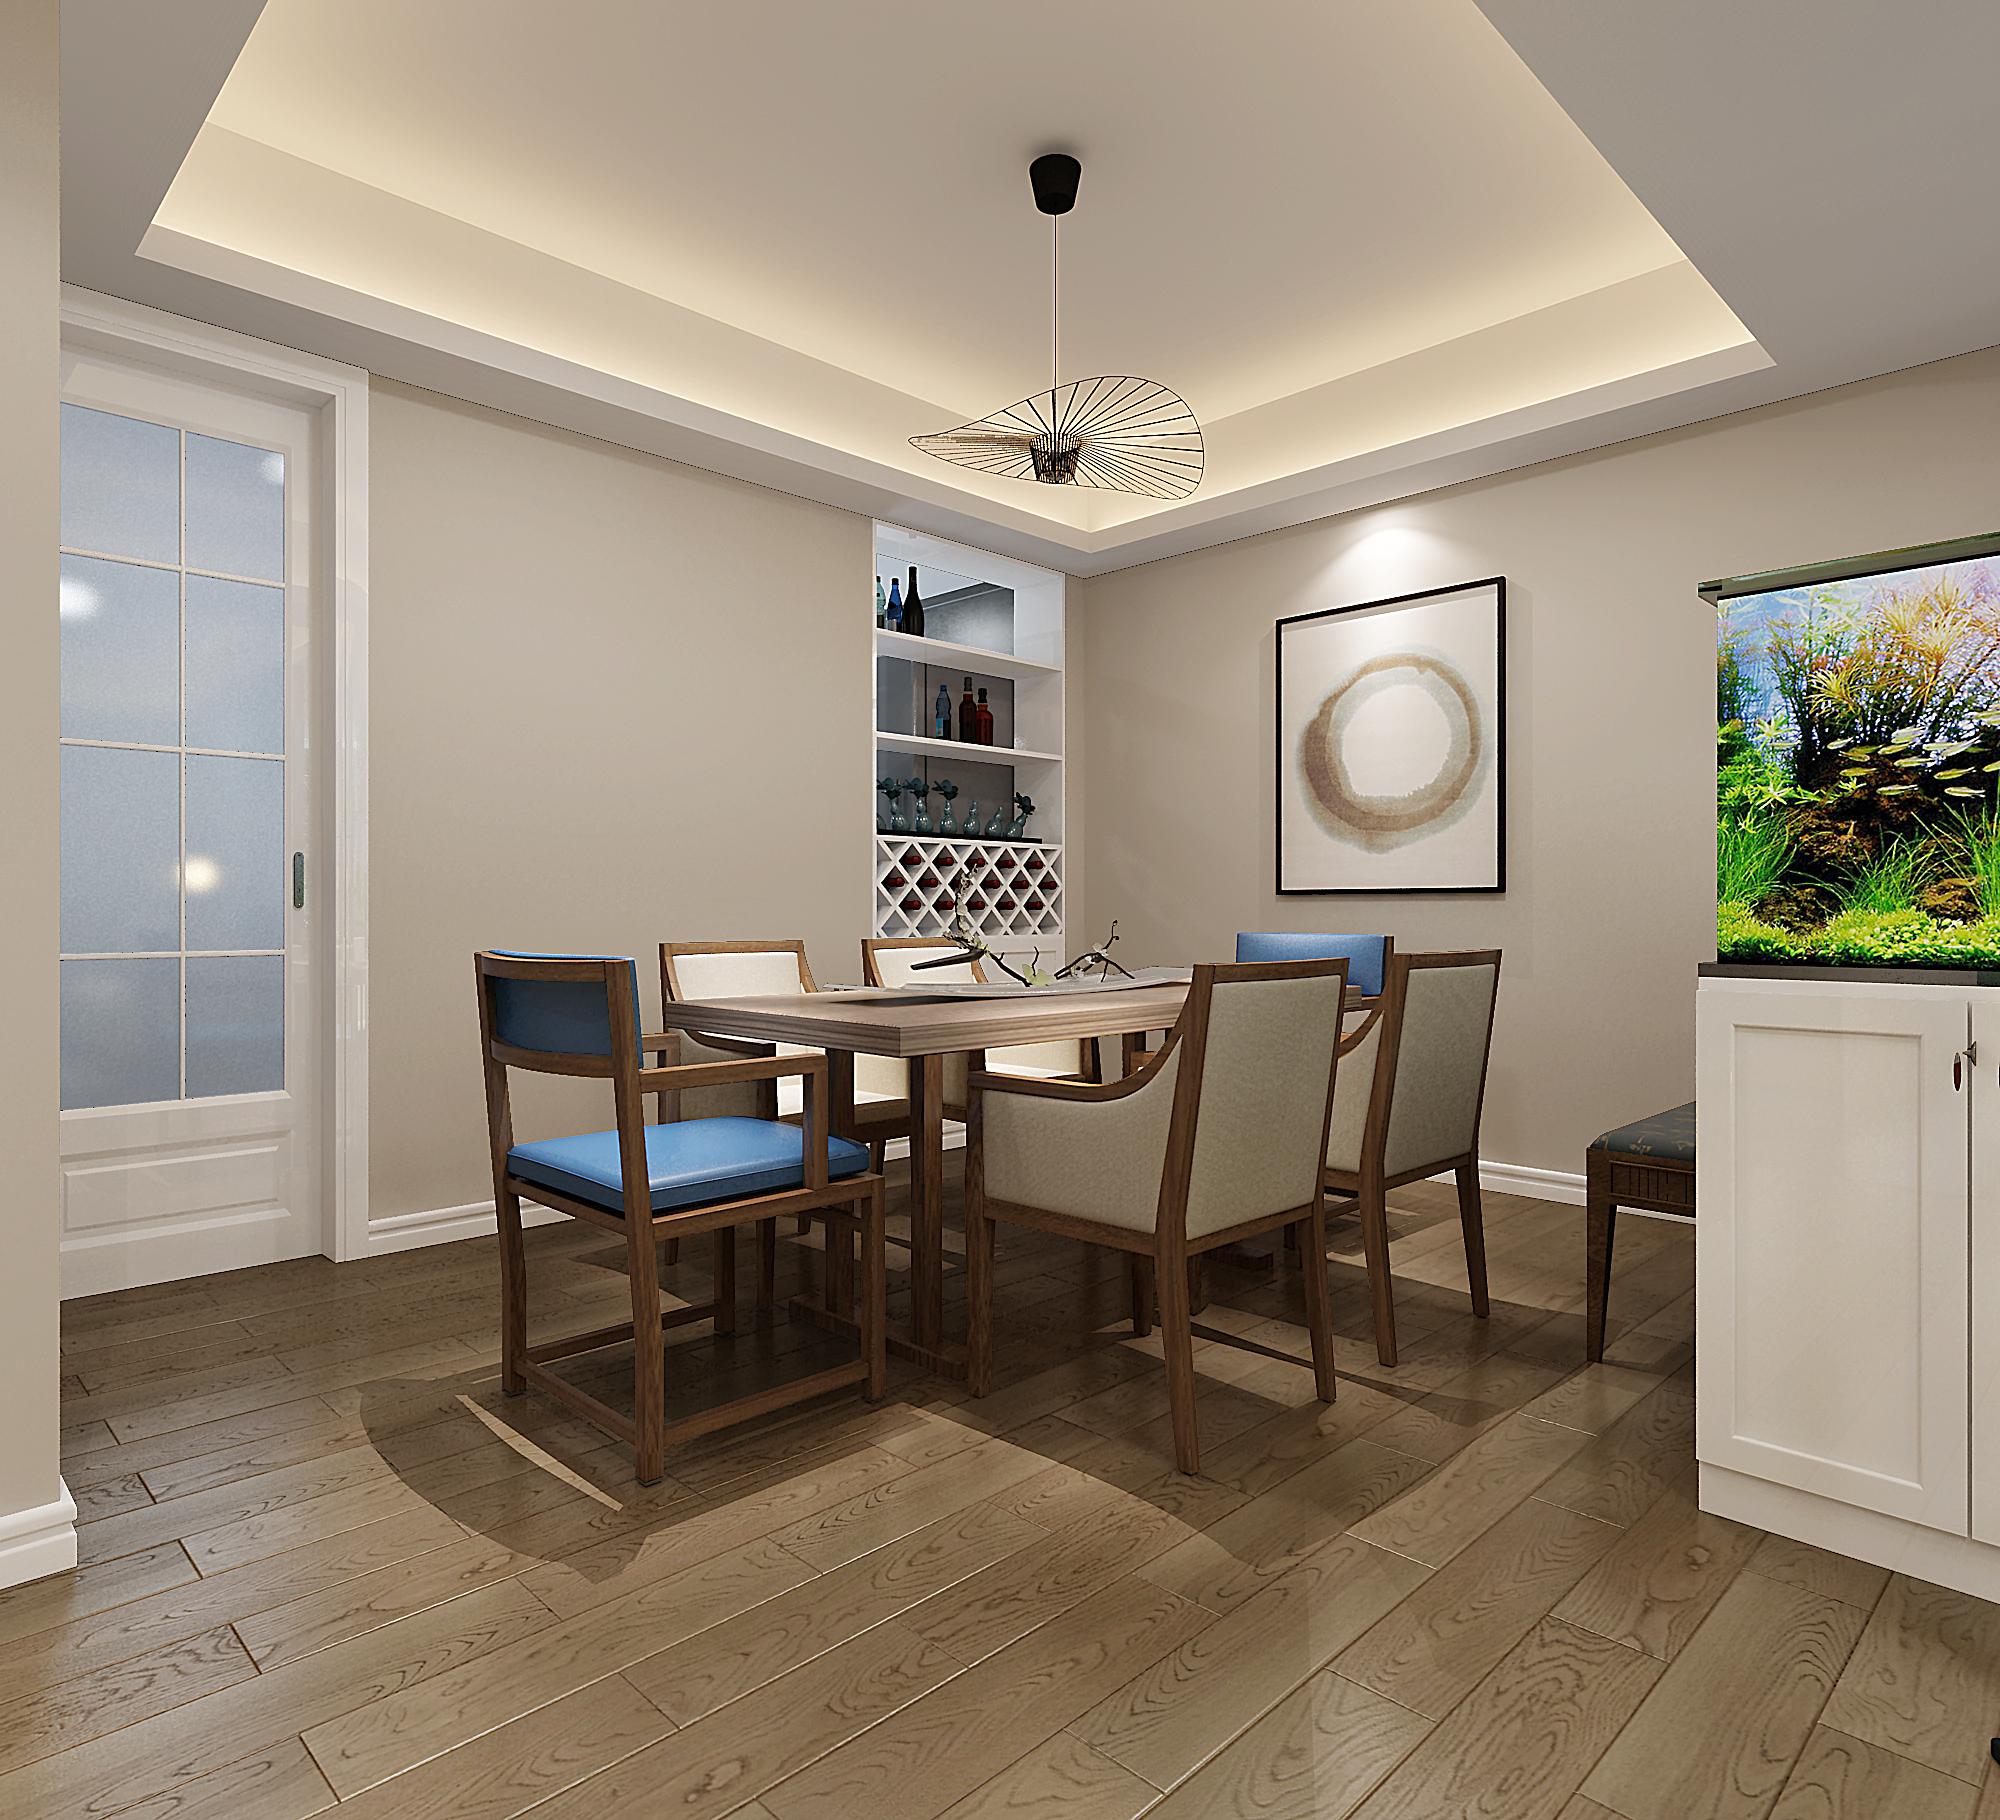 三居室简约风格家装修餐厅效果图